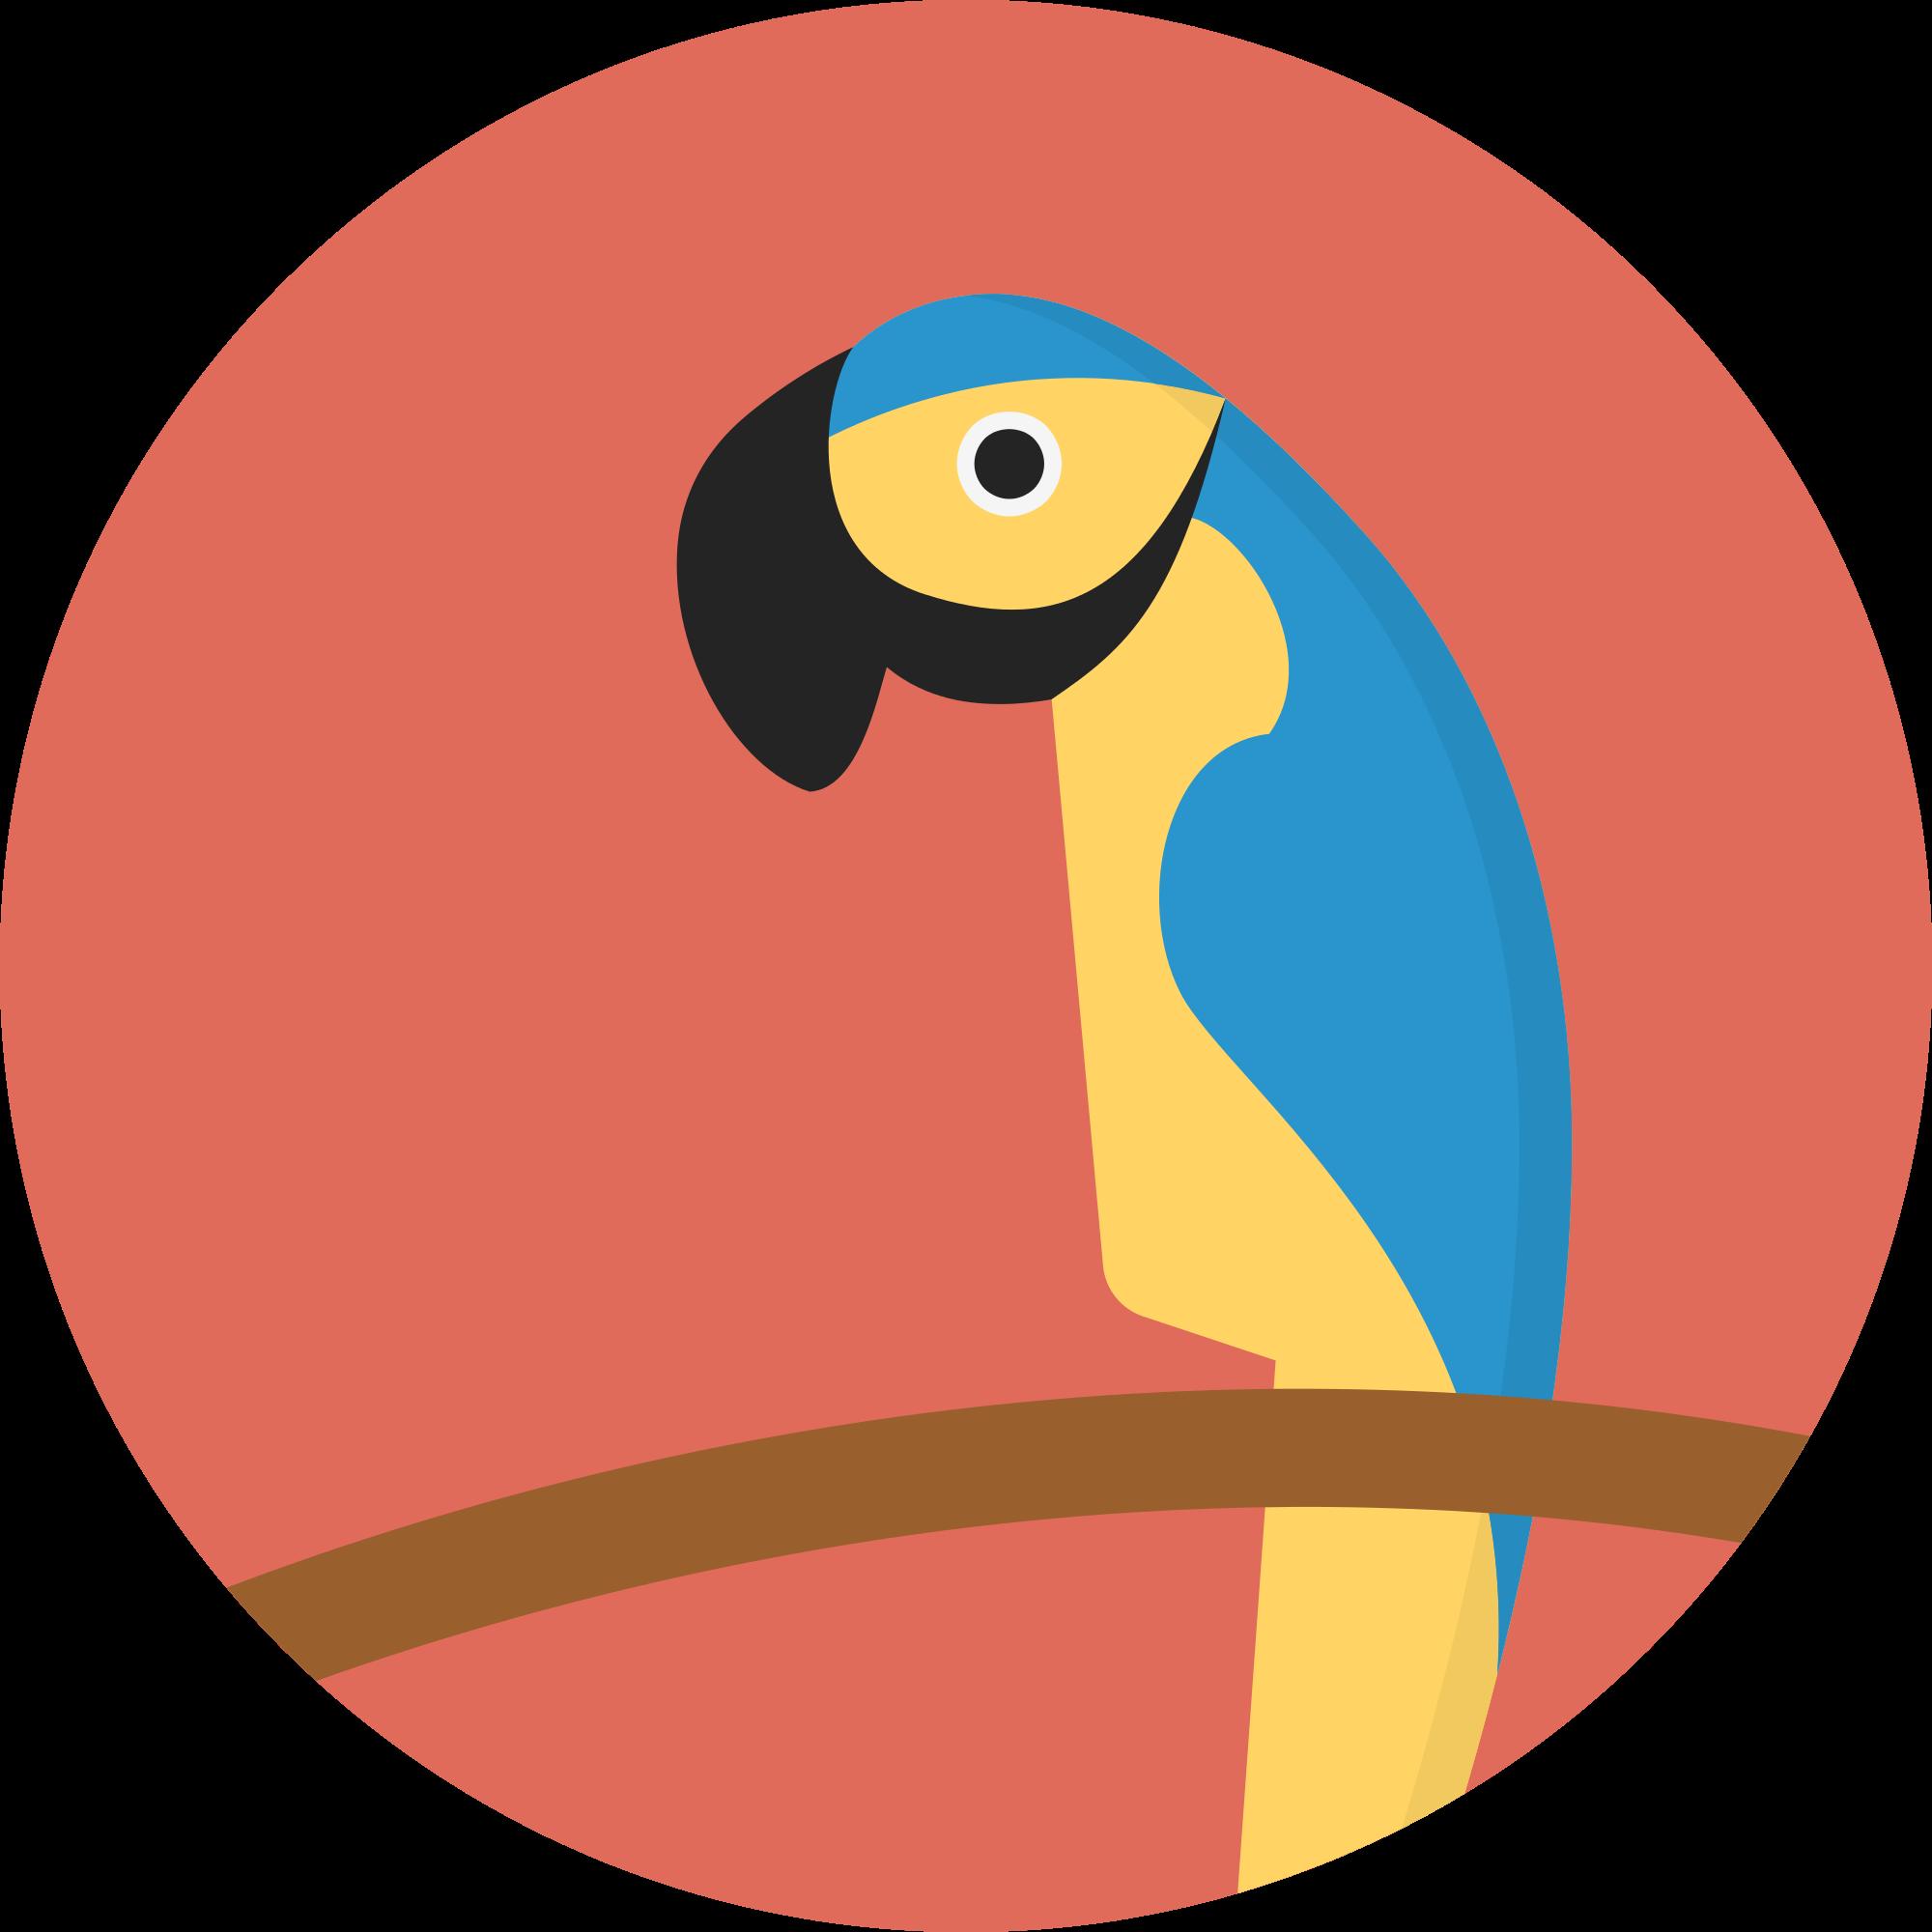 jungle clipart icon